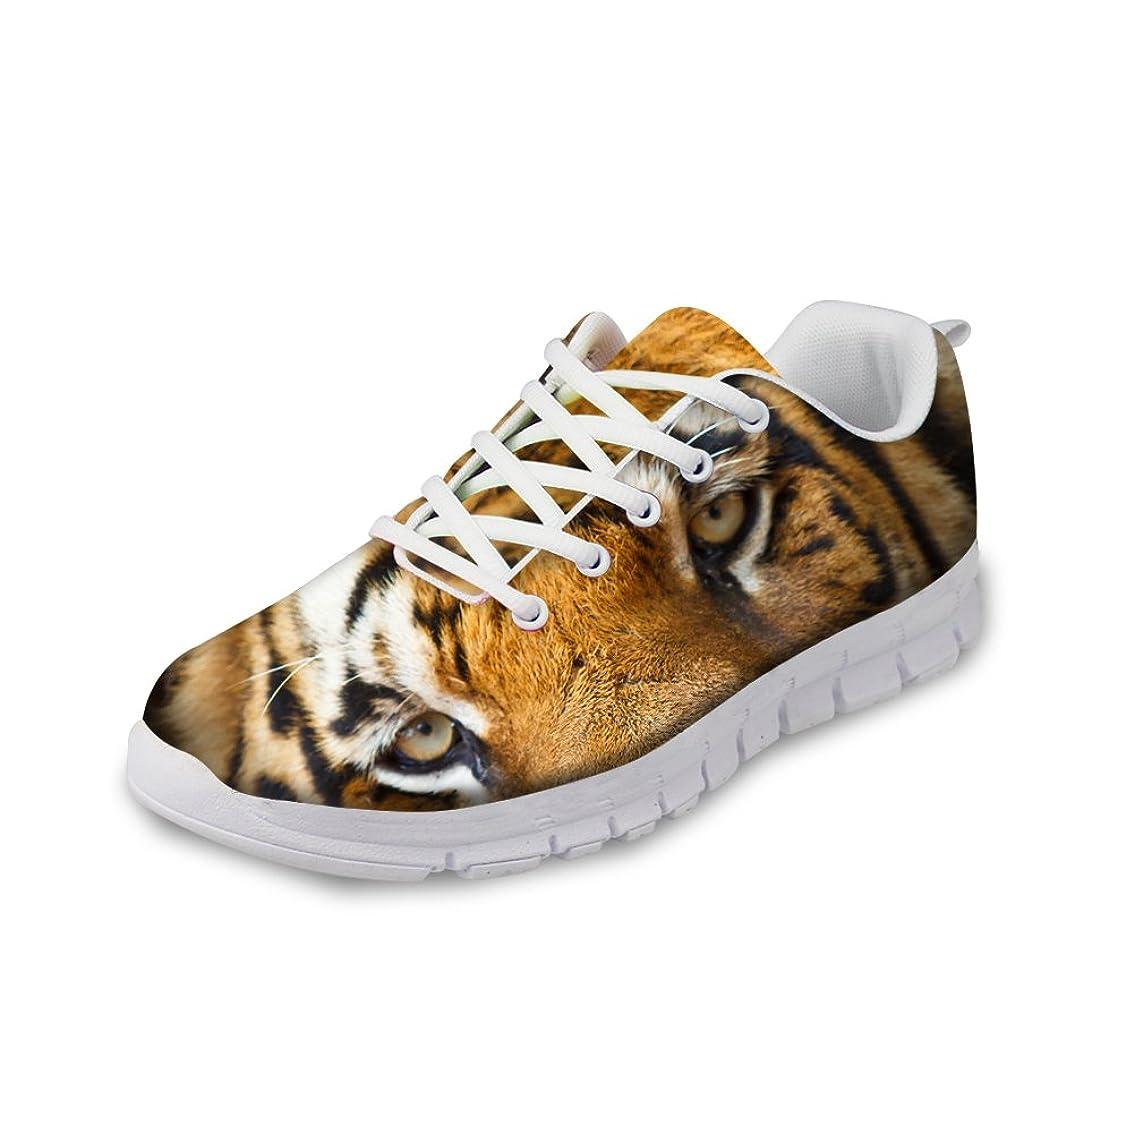 地震礼儀特権ThiKin スポーツシューズ メンズ レディース かわいい 動物柄 シューズ 軽量 トラベルランニングシューズ 個性的 クッション性 カジュアル デイリー 3Dプリント 靴 日常着用 通気 おしゃれ ファッション 通勤 通学 プレゼント